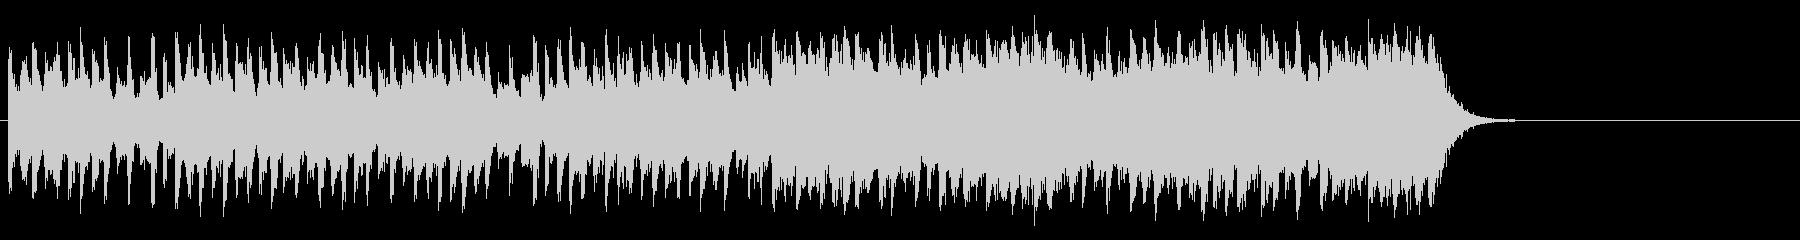 出発のエンディングBGM(Aメロ~サビ)の未再生の波形